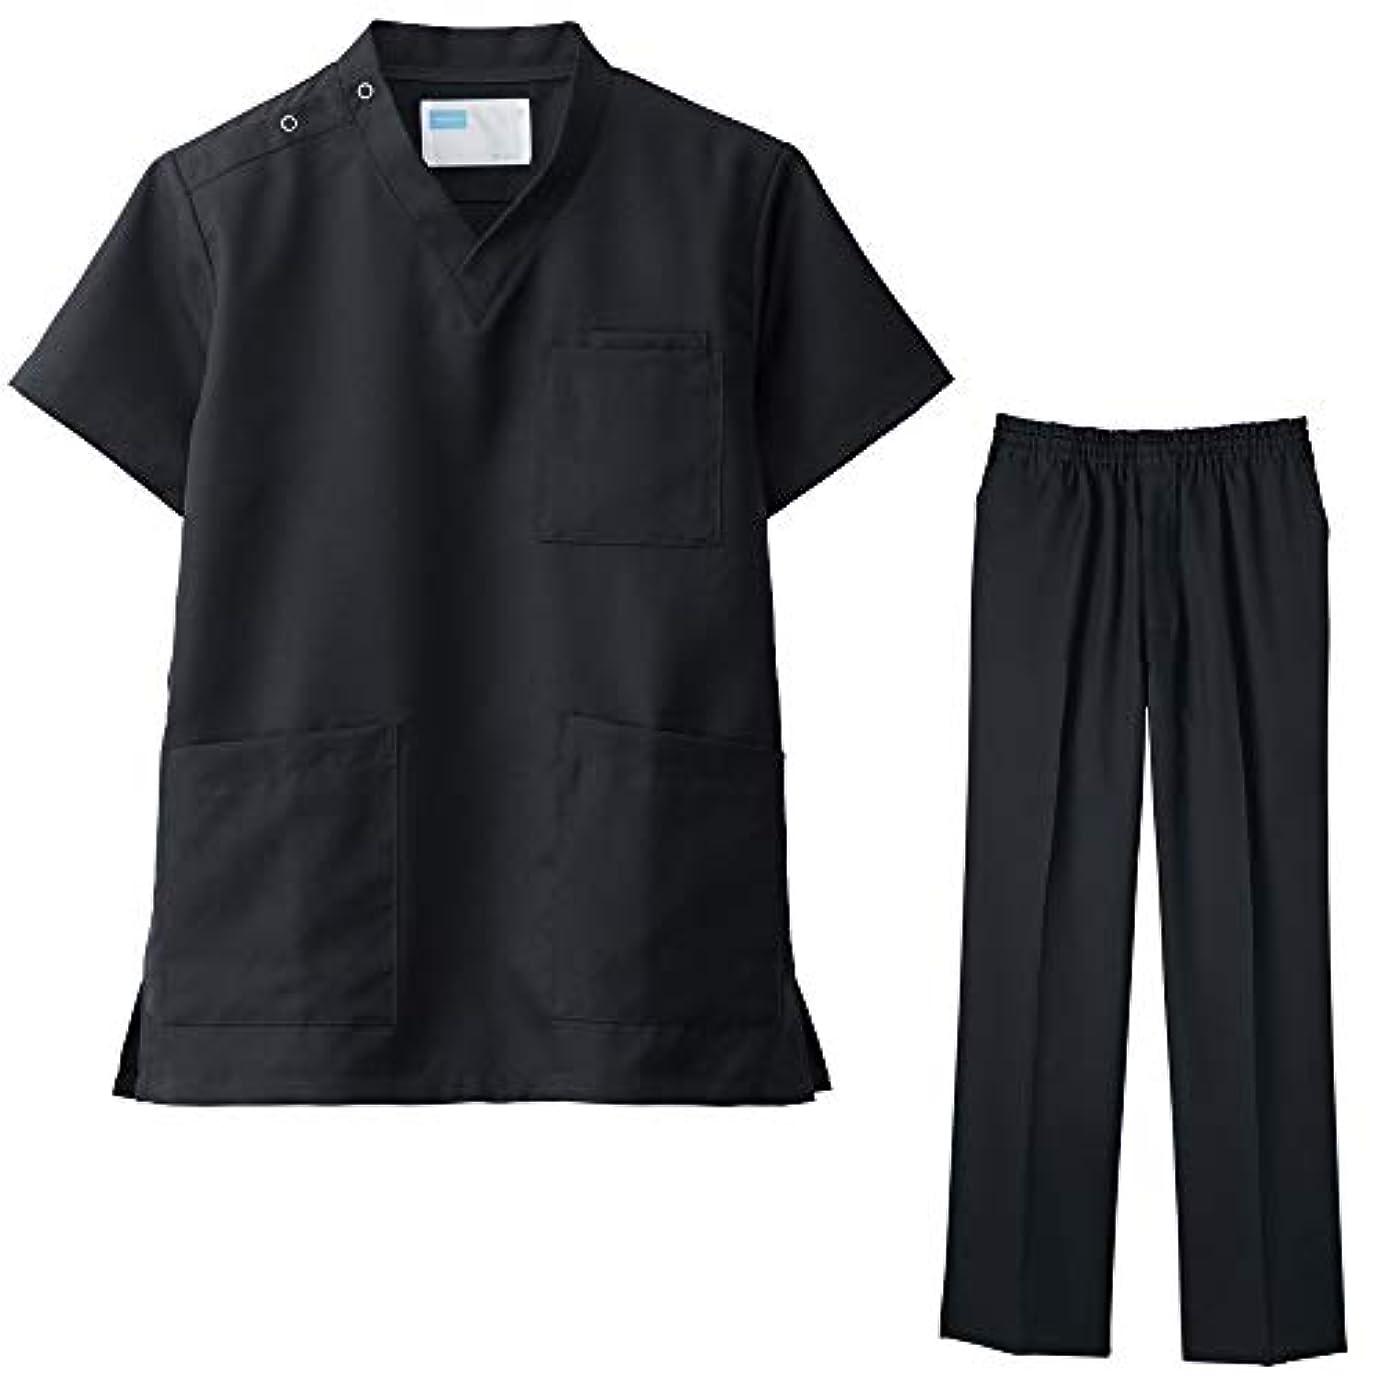 混合一部聖職者スクラブ&パンツセット 白衣 医療用 ホワイセル whisel 自重堂 男女兼用 WH1148511486